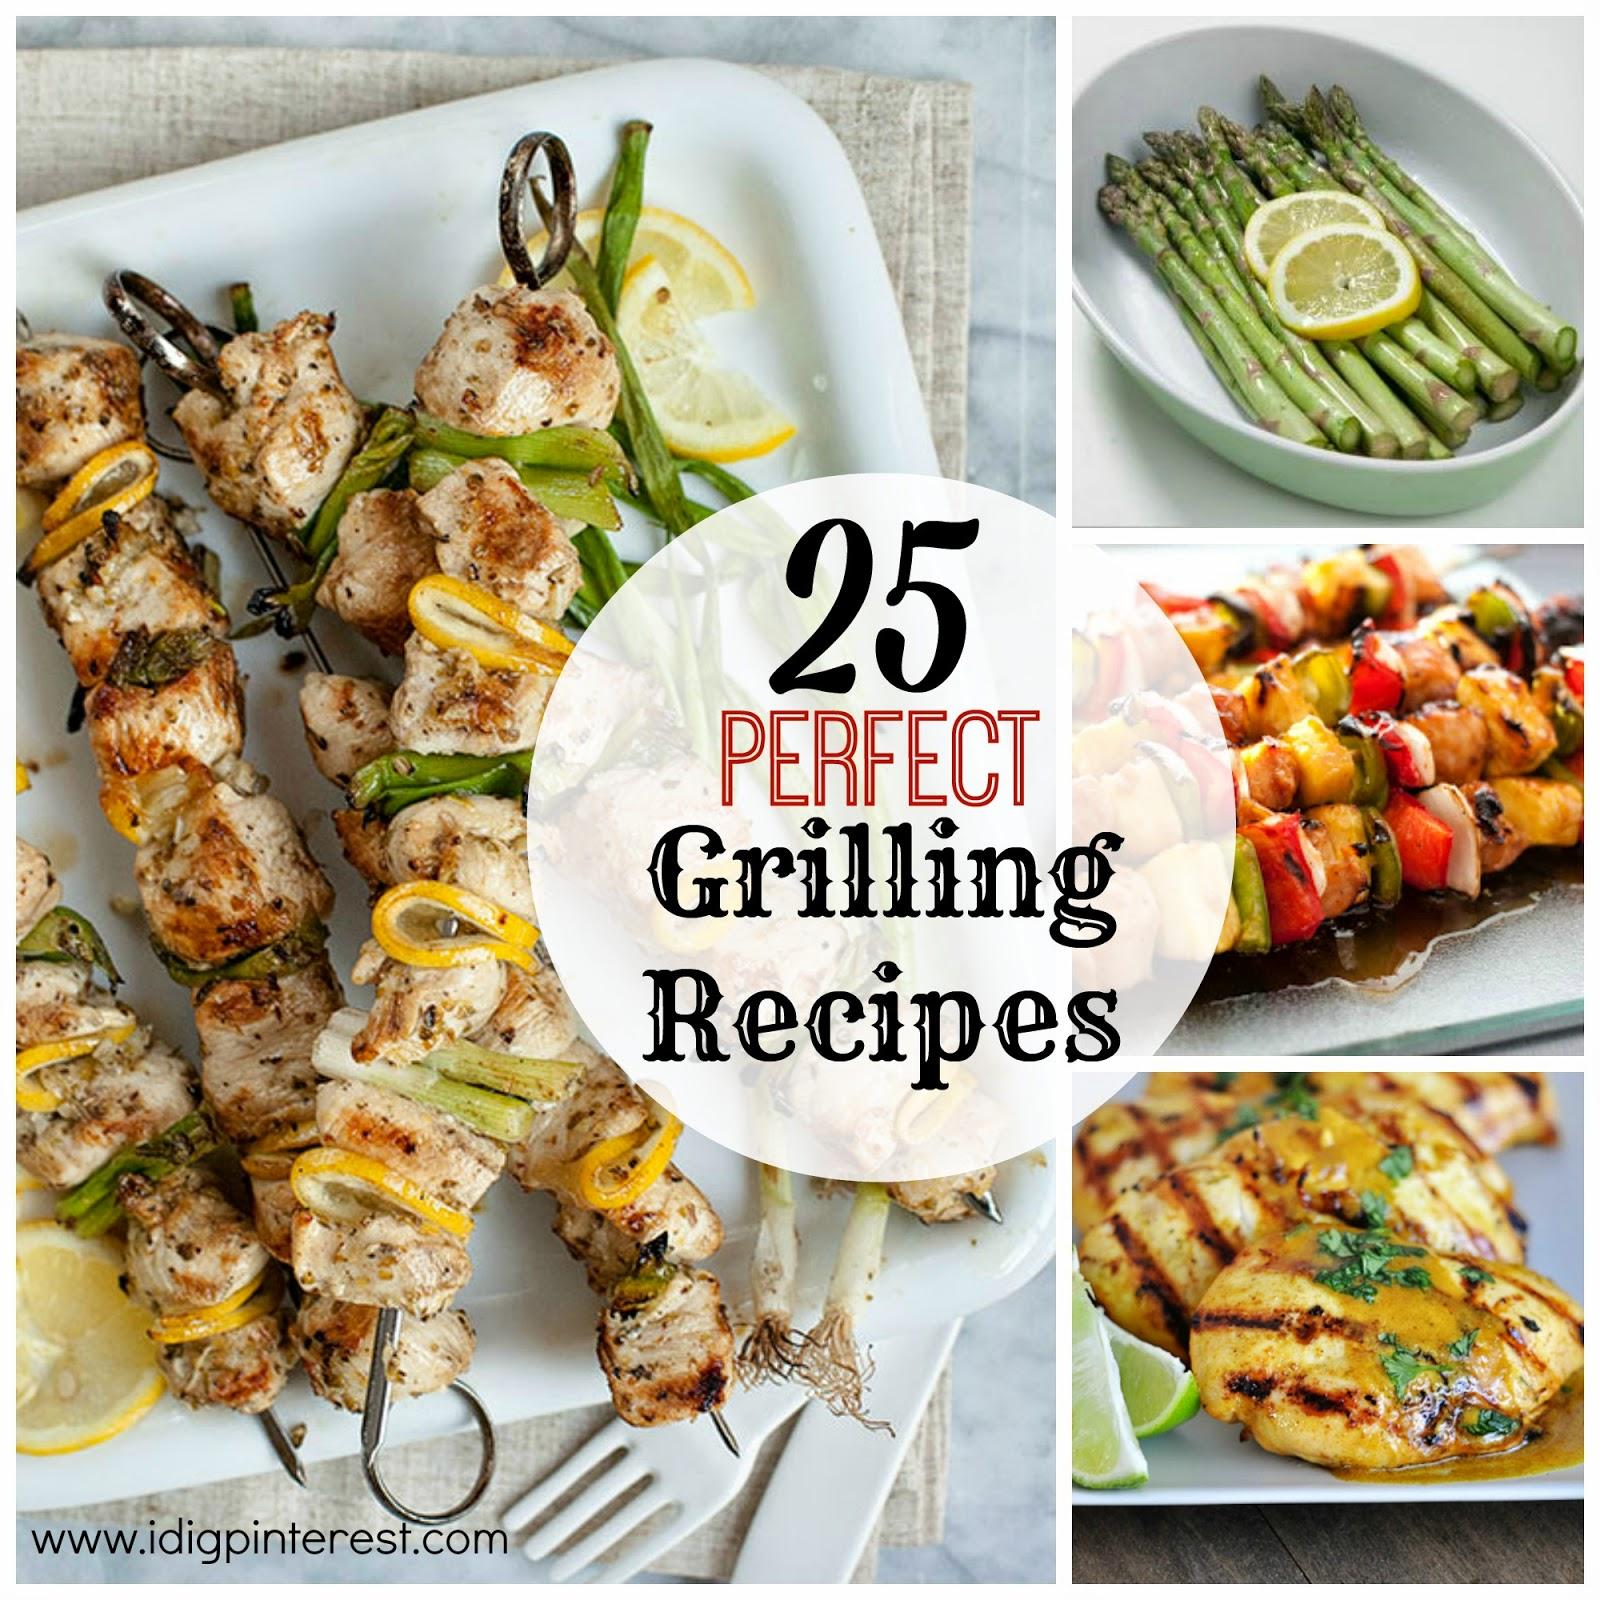 I Dig Pinterest: 25 Perfect Grilling Recipes